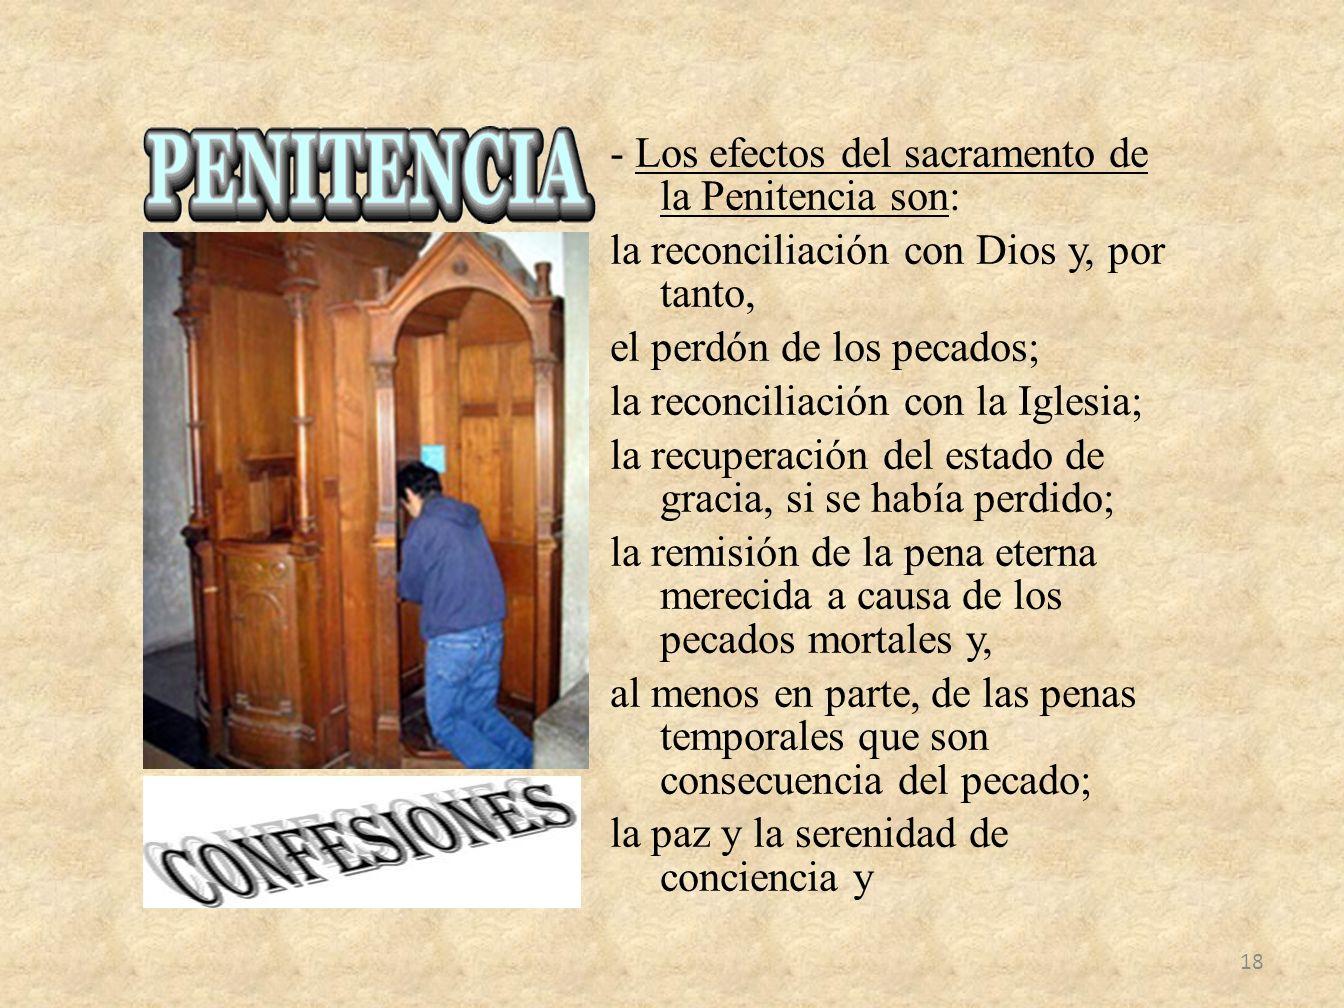 - Los efectos del sacramento de la Penitencia son: la reconciliación con Dios y, por tanto, el perdón de los pecados; la reconciliación con la Iglesia; la recuperación del estado de gracia, si se había perdido; la remisión de la pena eterna merecida a causa de los pecados mortales y, al menos en parte, de las penas temporales que son consecuencia del pecado; la paz y la serenidad de conciencia y